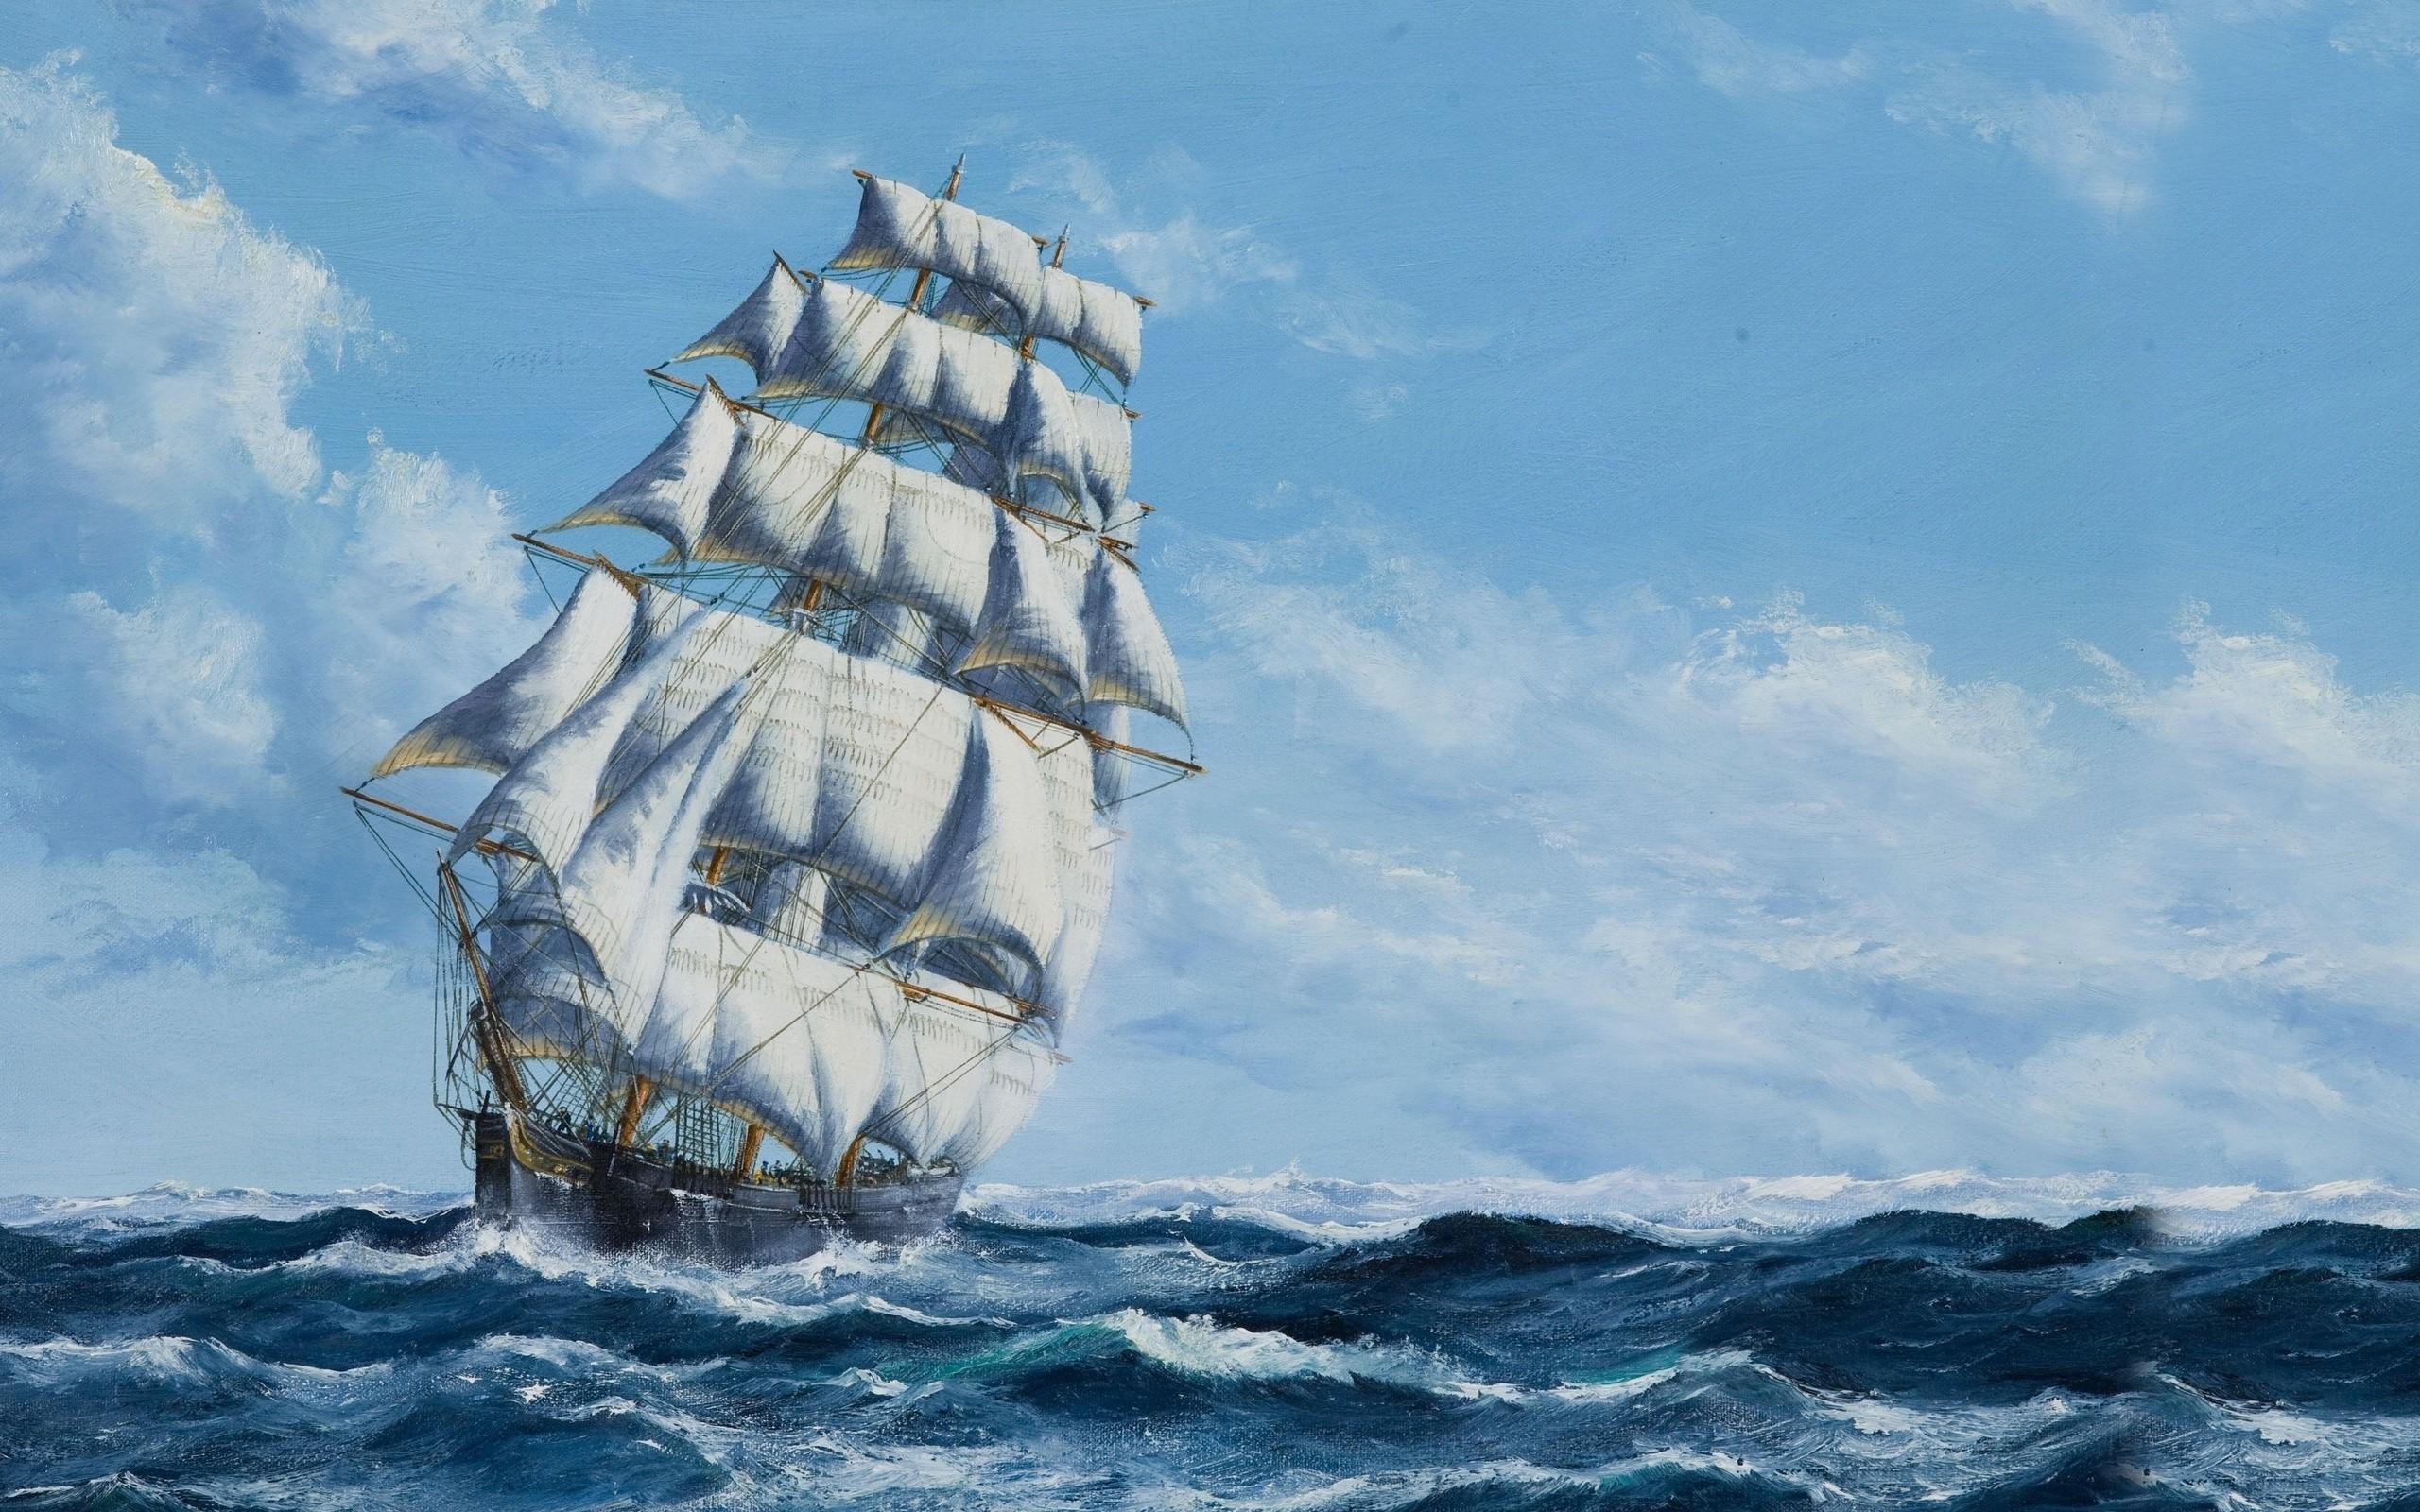 Masaüstü Boyama Tekne Yelkenli Gemi Deniz Su Gökyüzü Araç